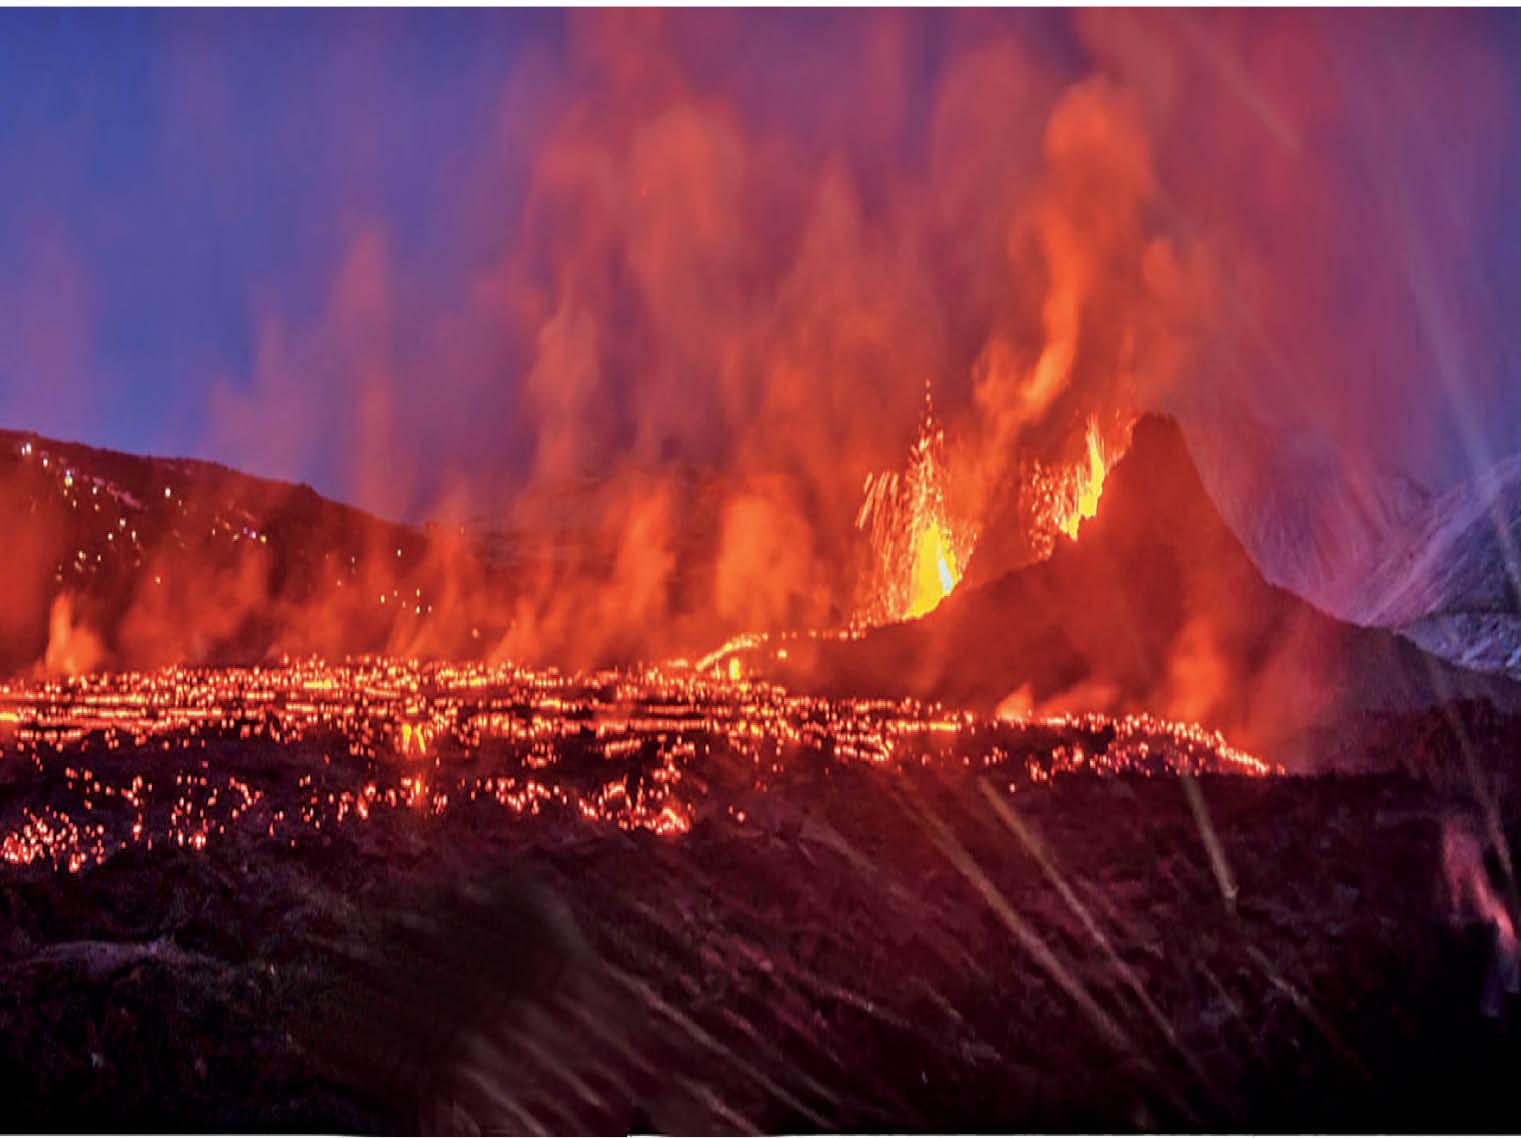 आइसलैंड में 800 साल बाद फटा ज्वालामुखी; डेढ़ माह से लगातार उगल रहा लावा, 32 किलोमीटर दूर से भी दिख रहा|विदेश,International - Dainik Bhaskar